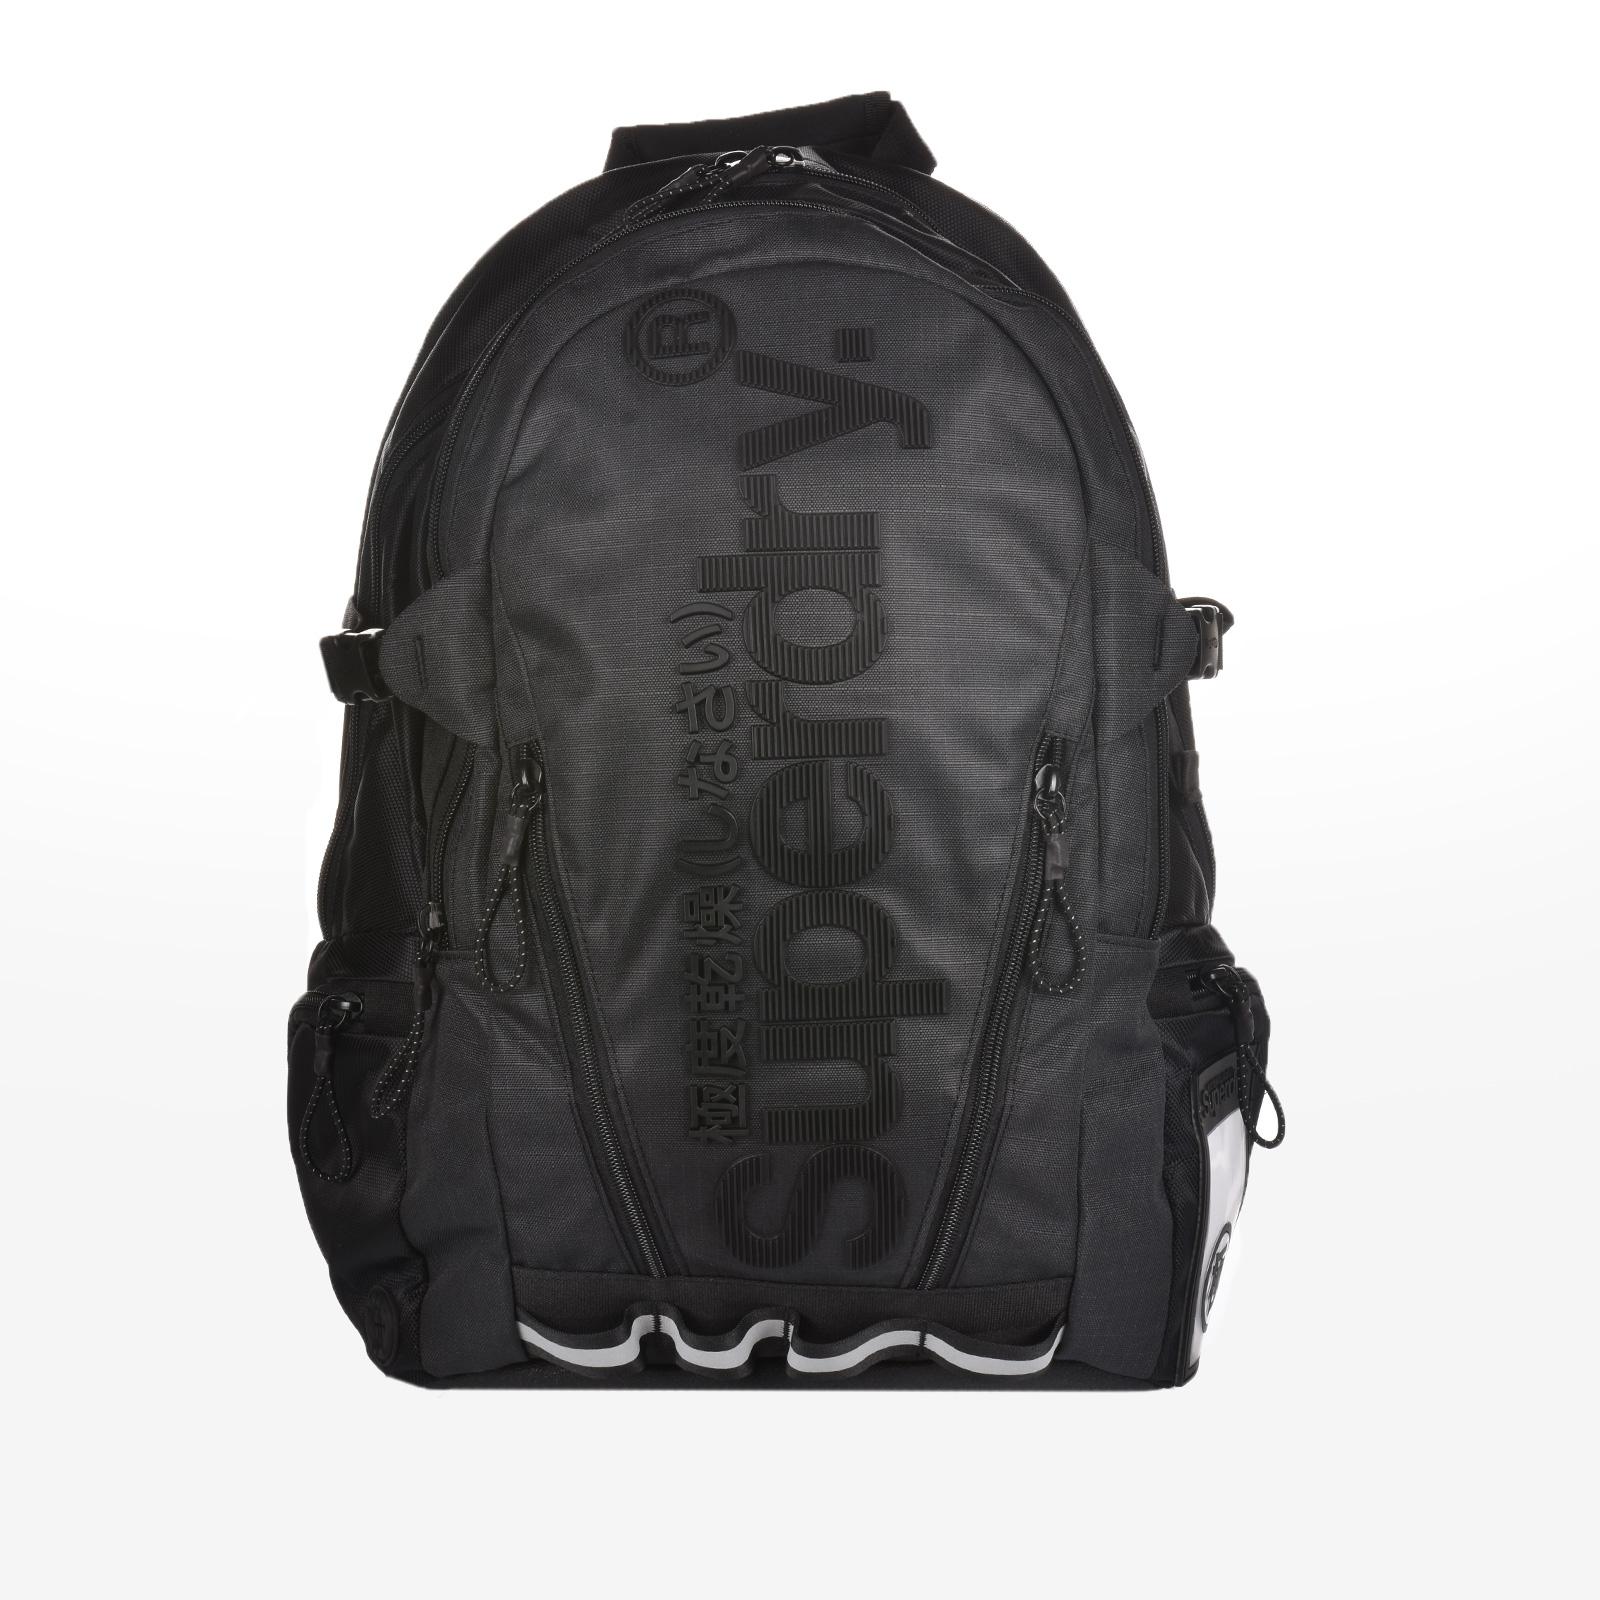 Sportcafe Superdry - D1 LINE TARP BACKPACK - BLACK a55bc1b021c